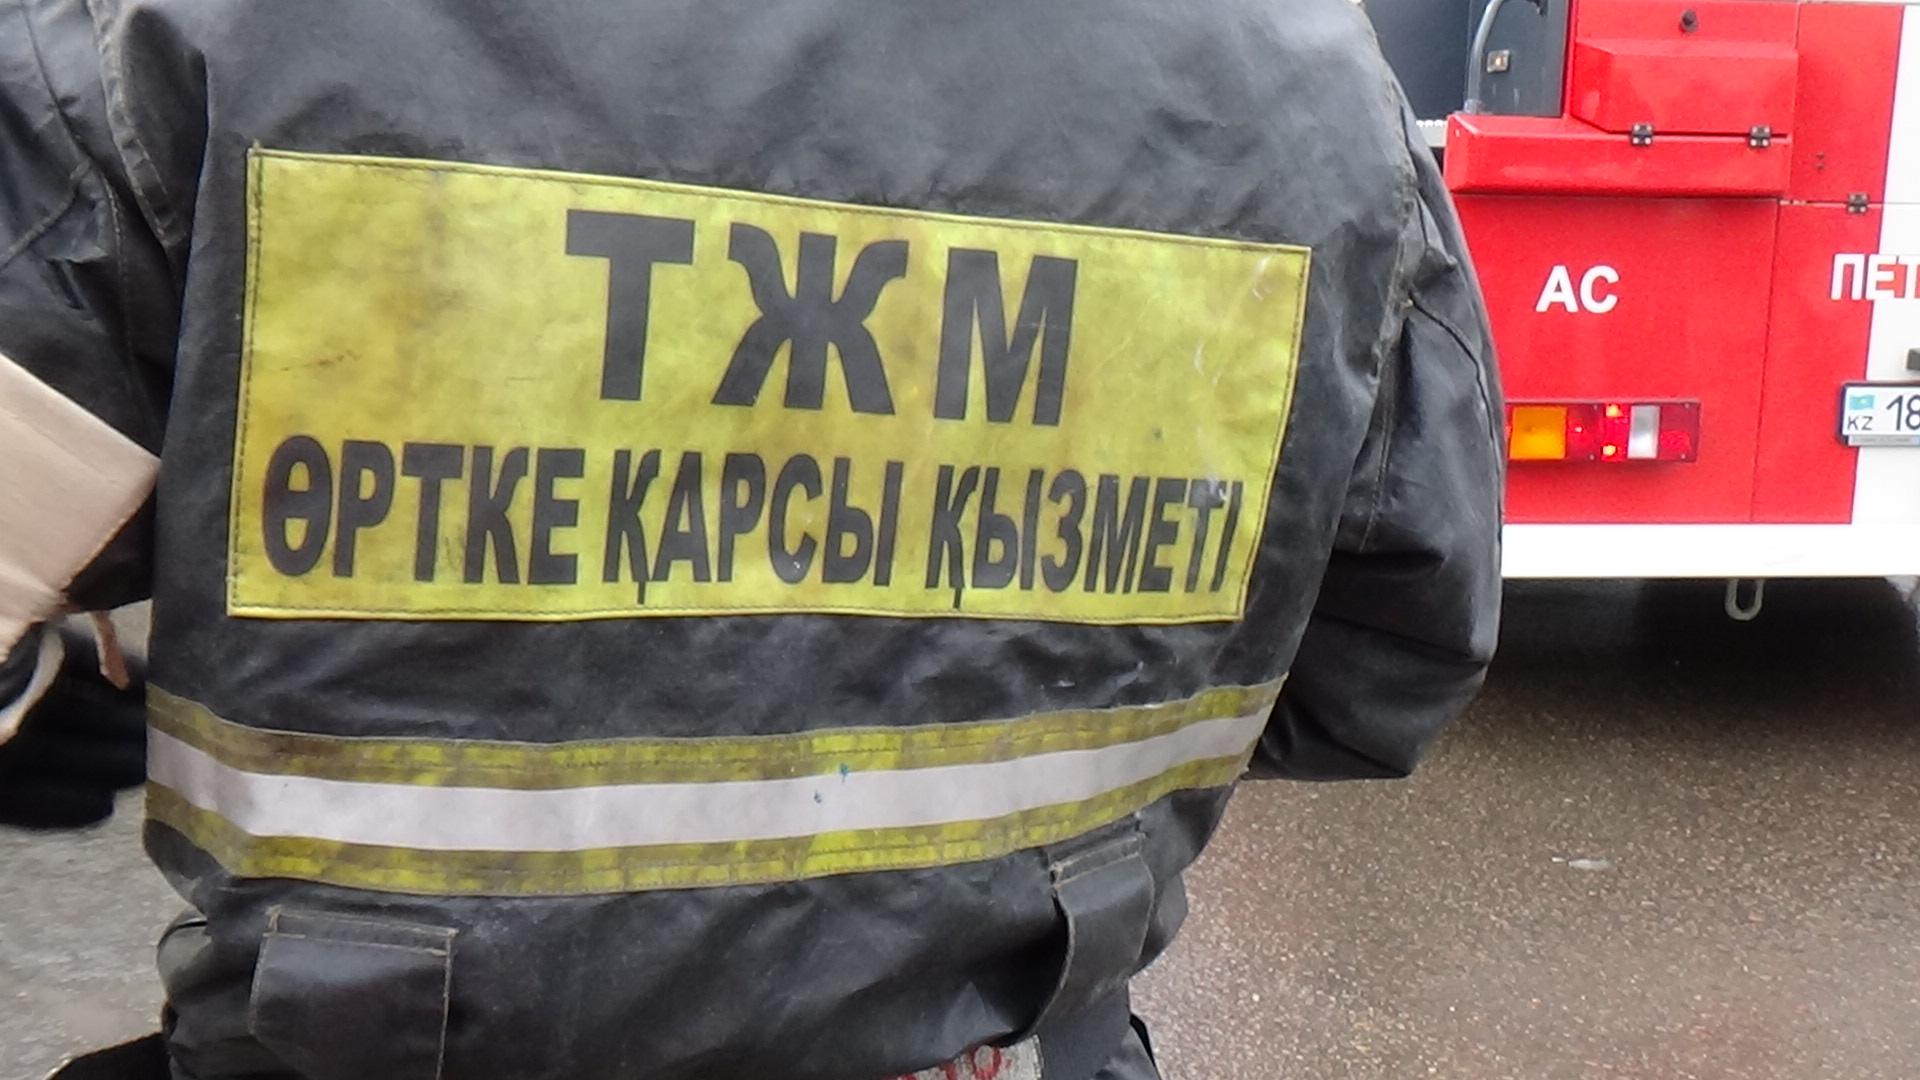 Мужчина погиб, еще один получил ожоги при взрыве в квартире в Павлодаре